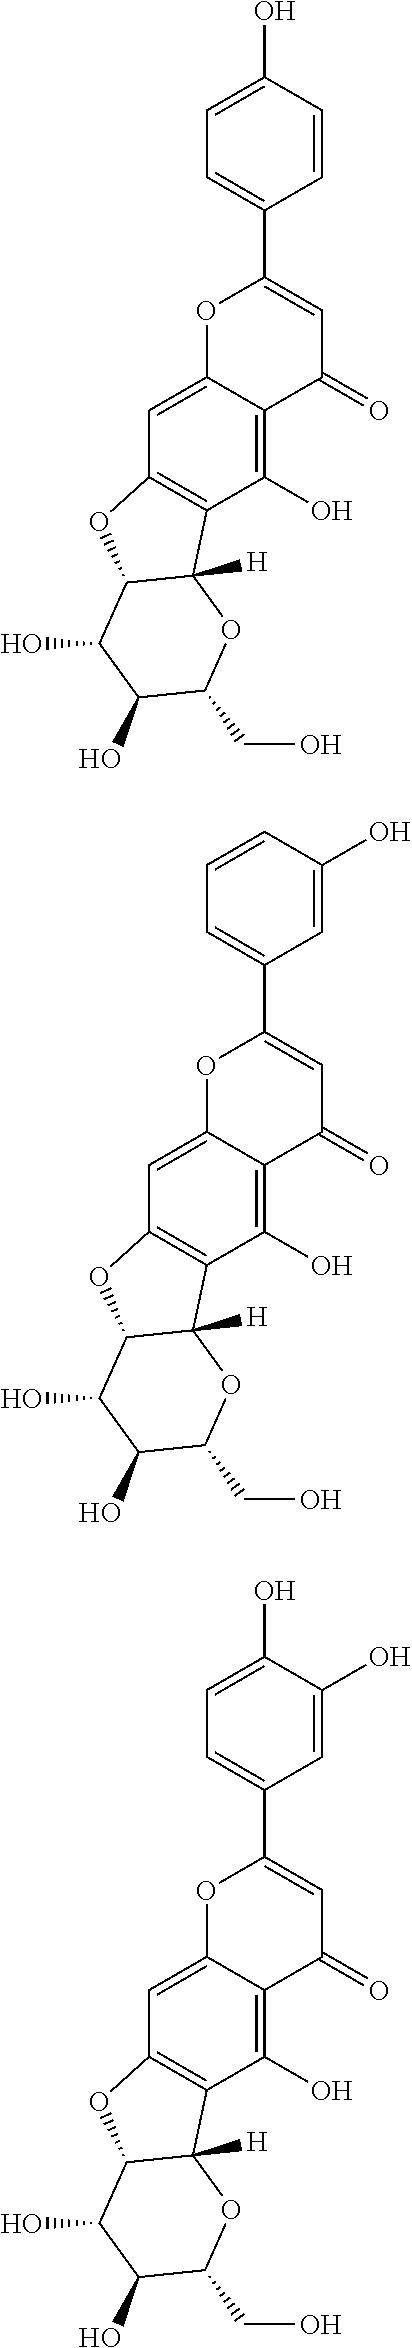 Figure US09962344-20180508-C00085